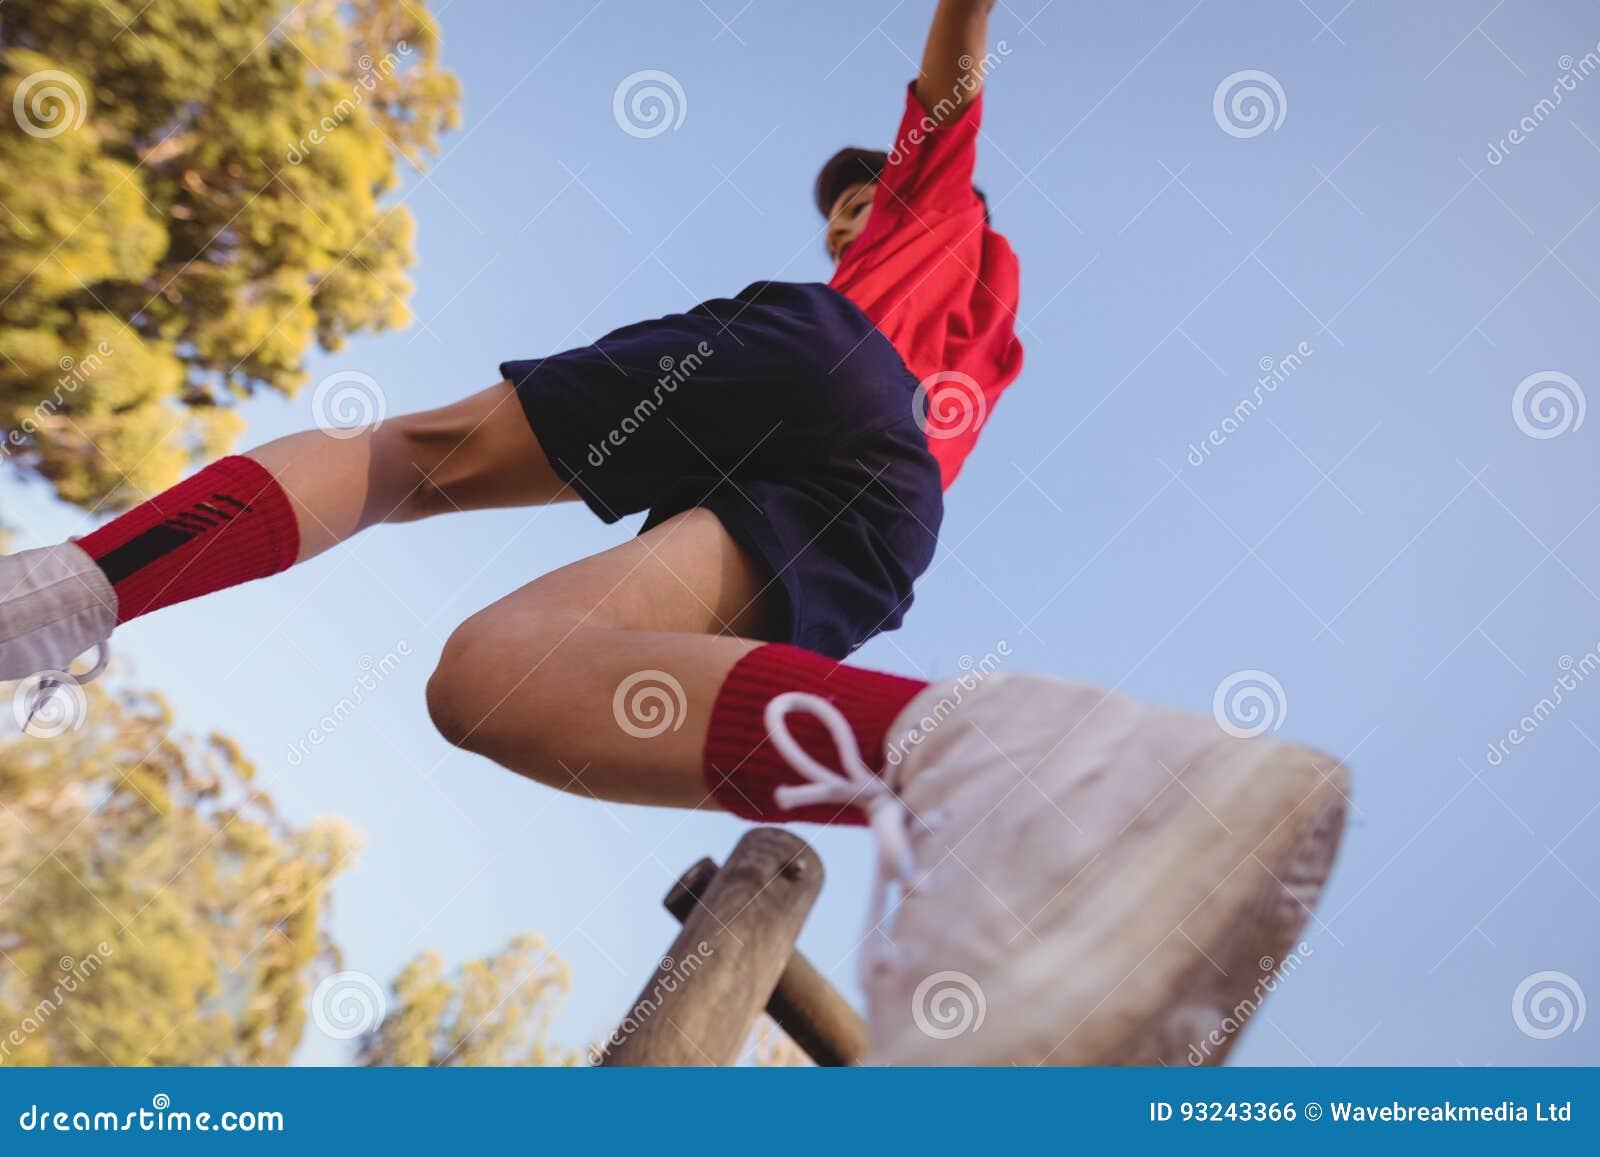 Beslutsam pojke som hoppar över hinder